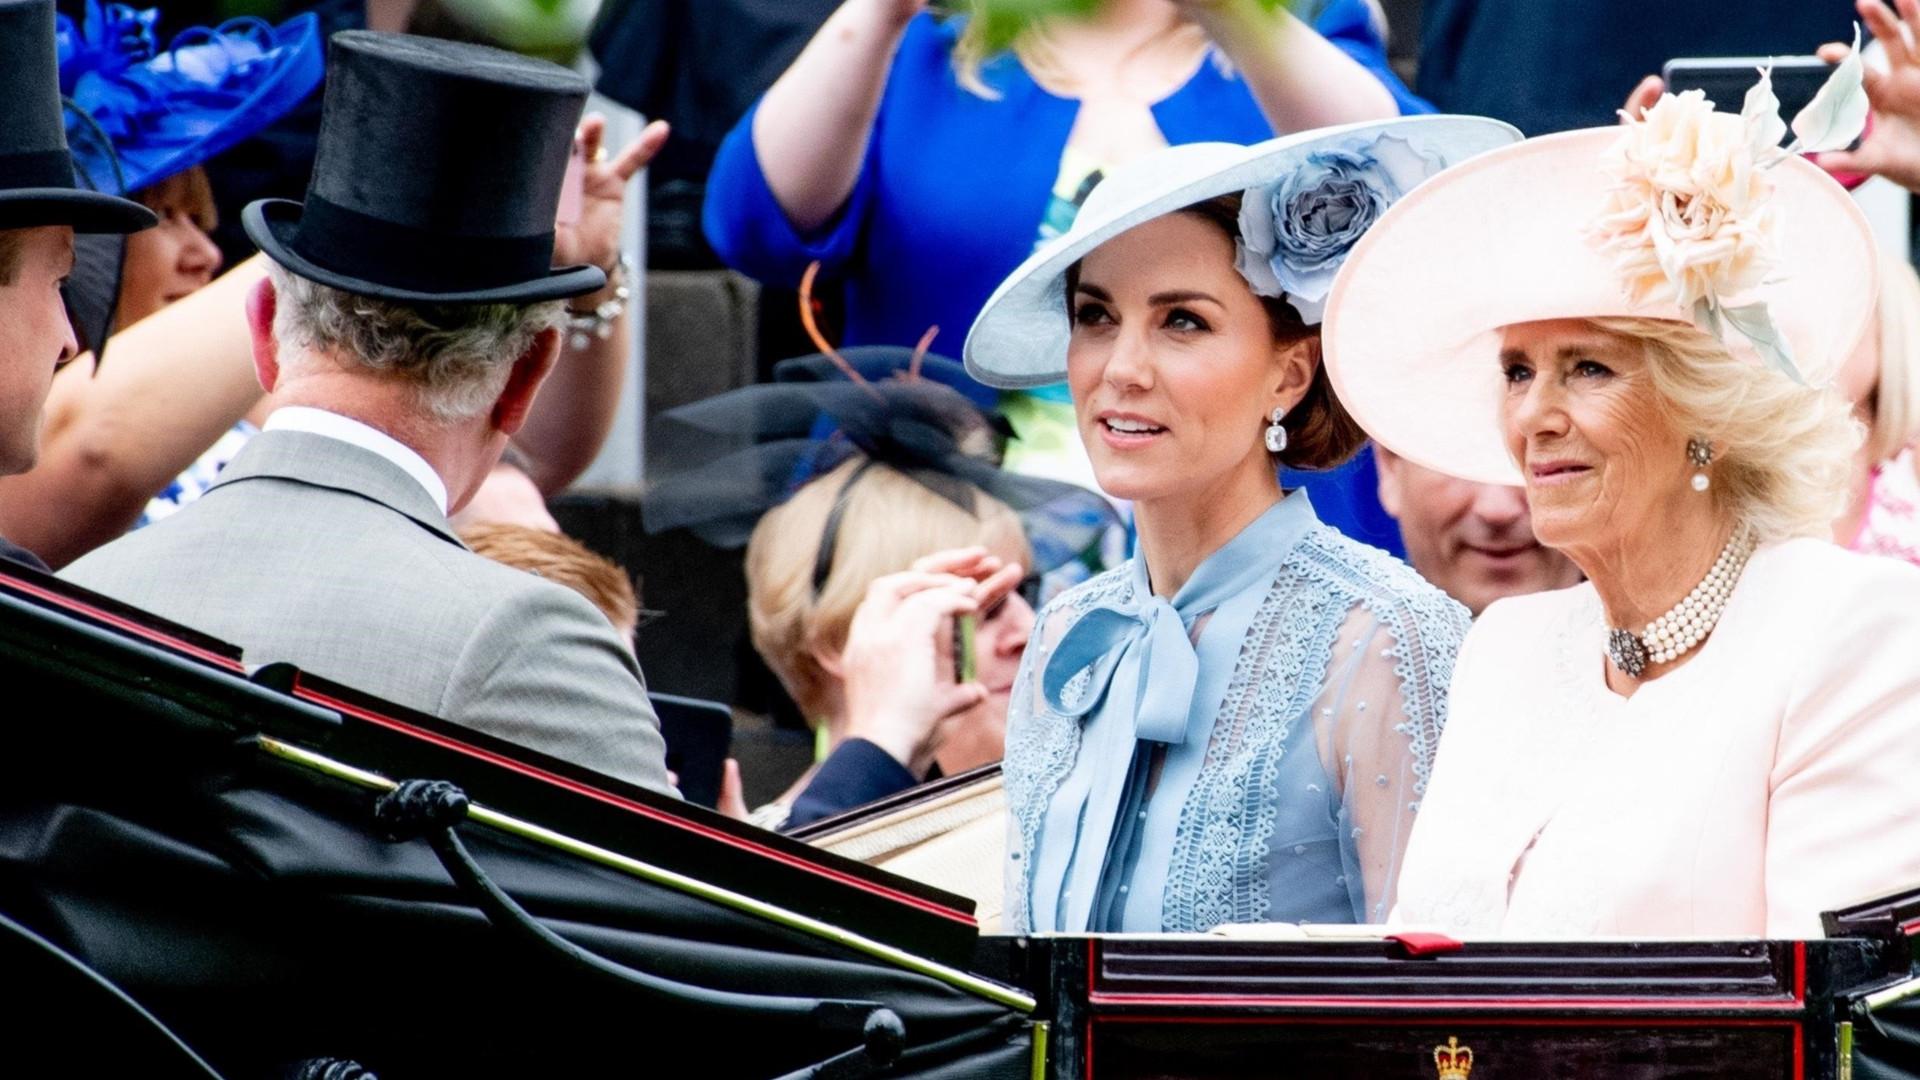 Kobieta mogła zginąć! Konwój Kate Middleton i księcia Williama uderzył w kobietę